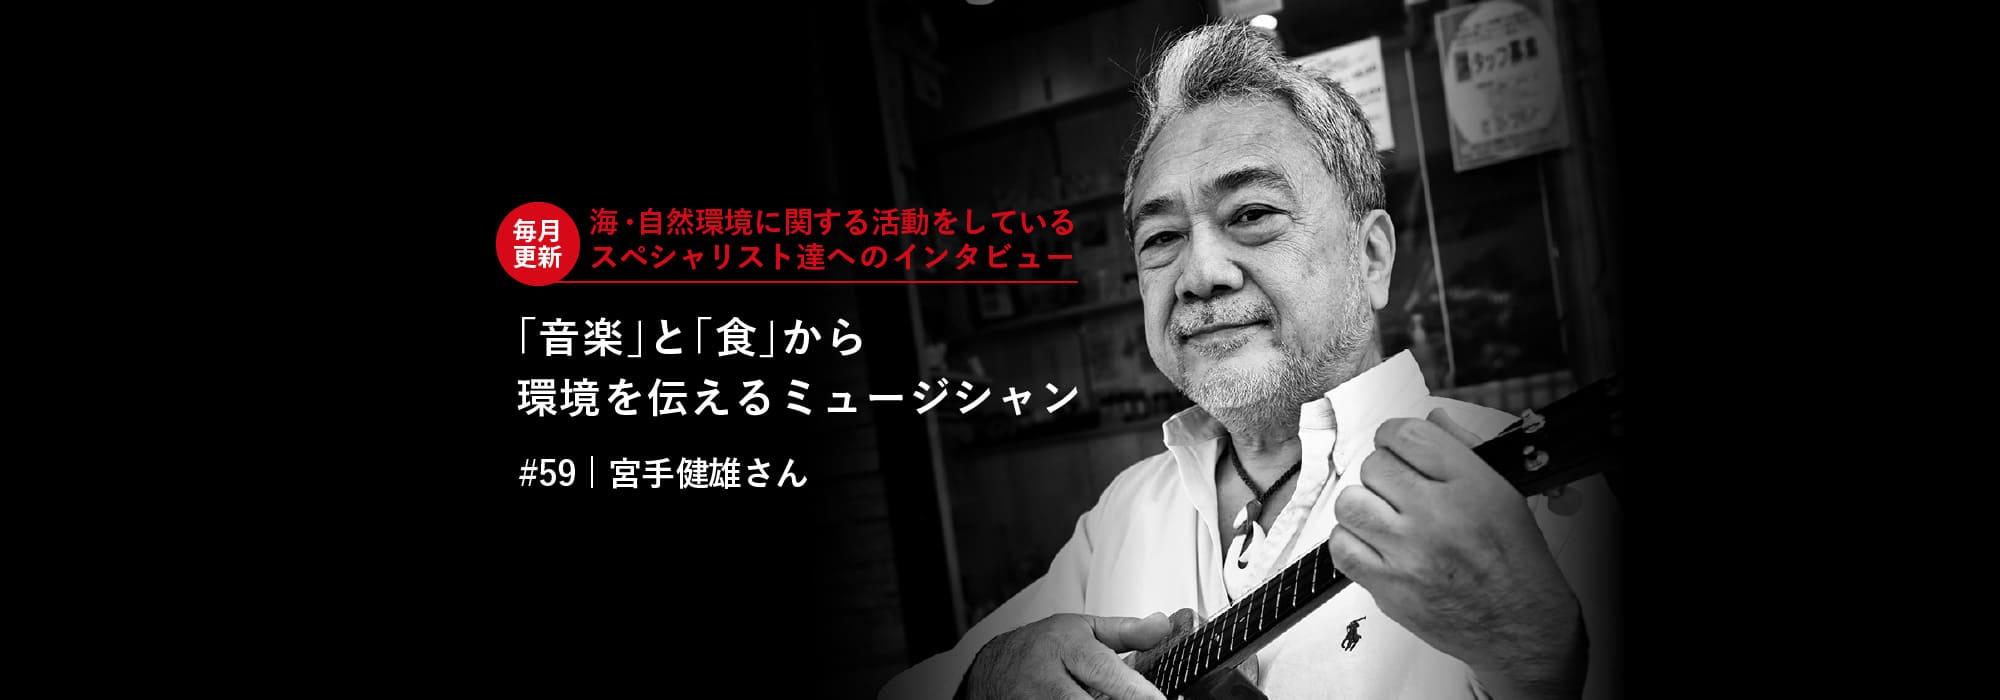 専門家へのスペシャルインタビュー特集